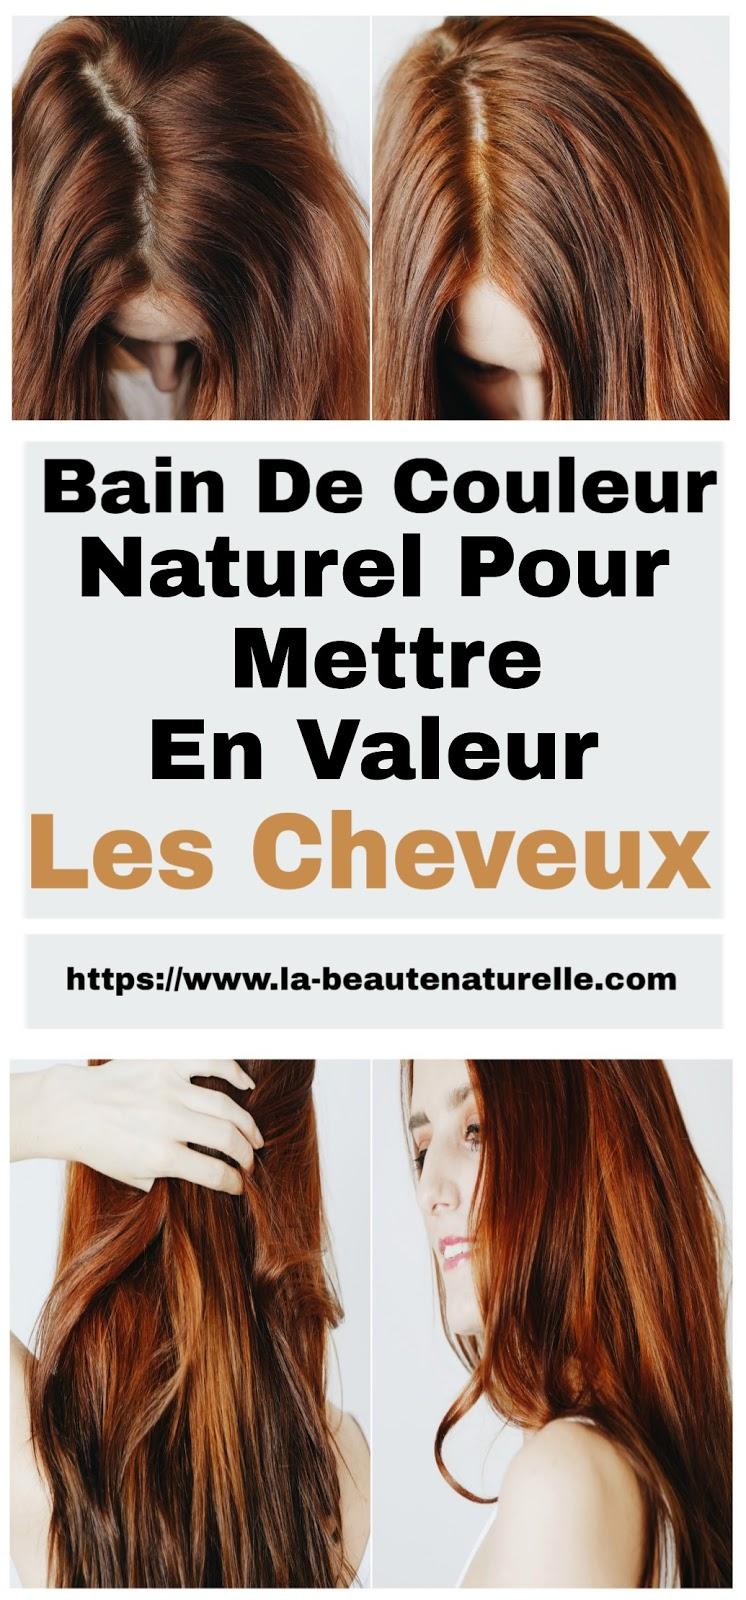 Bain De Couleur Naturel Pour Mettre En Valeur Les Cheveux